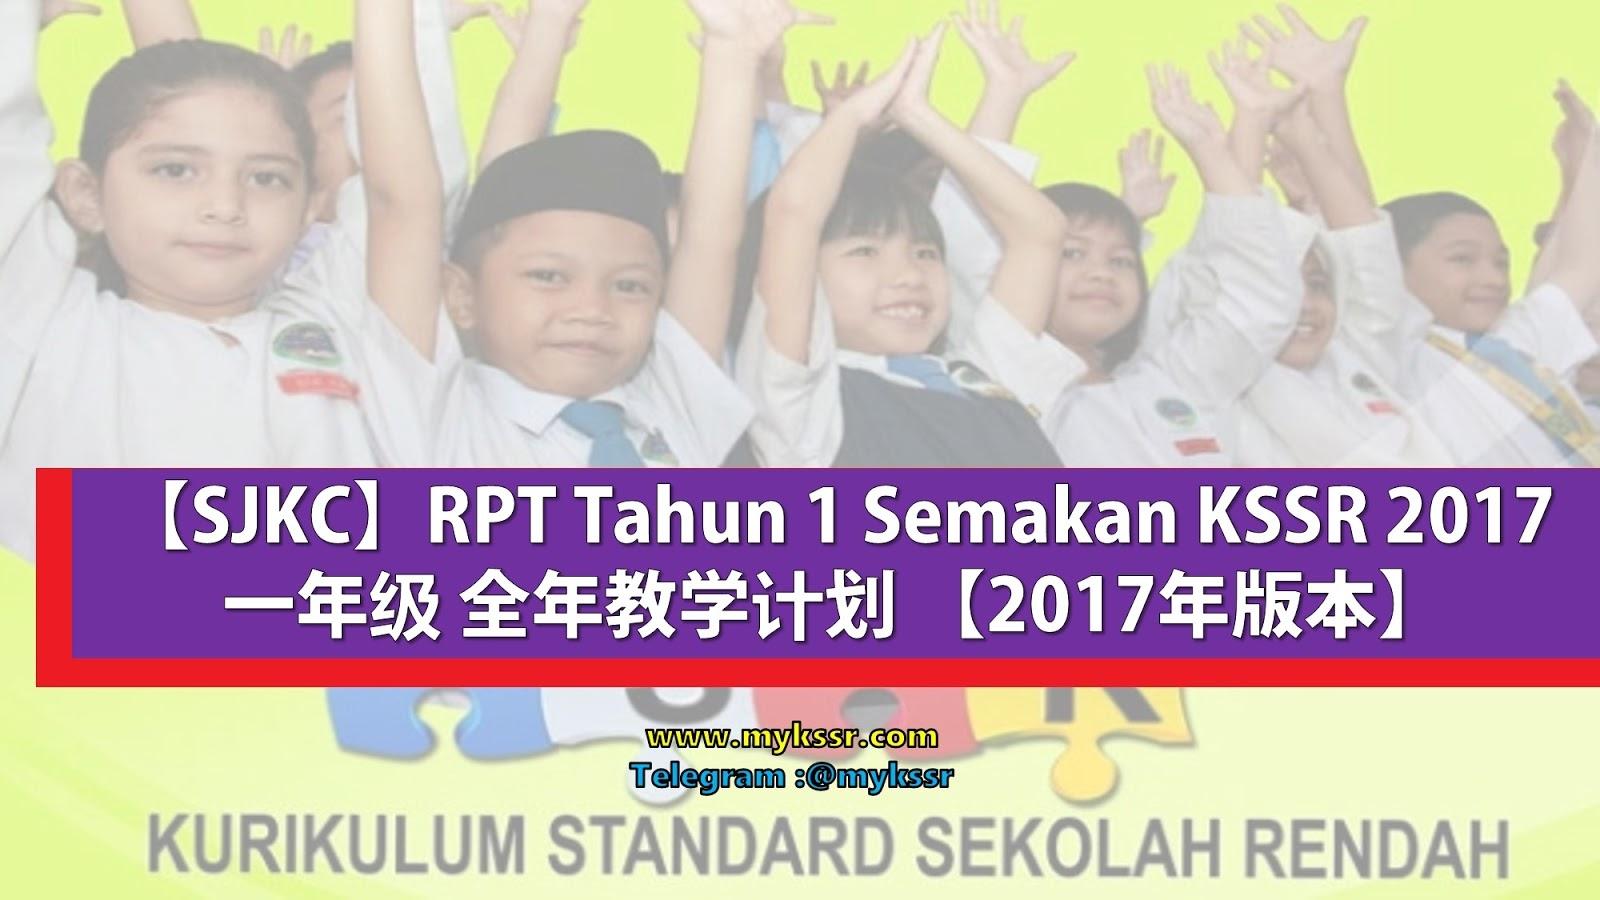 Download Rpt Bahasa Melayu Tahun 1 Bermanfaat Sjkca Rpt Tahun 1 Semakan Kssr 2017 Mykssr Com Of Kumpulan Rpt Bahasa Melayu Tahun 1 Yang Boleh Di Cetak Dengan Segera